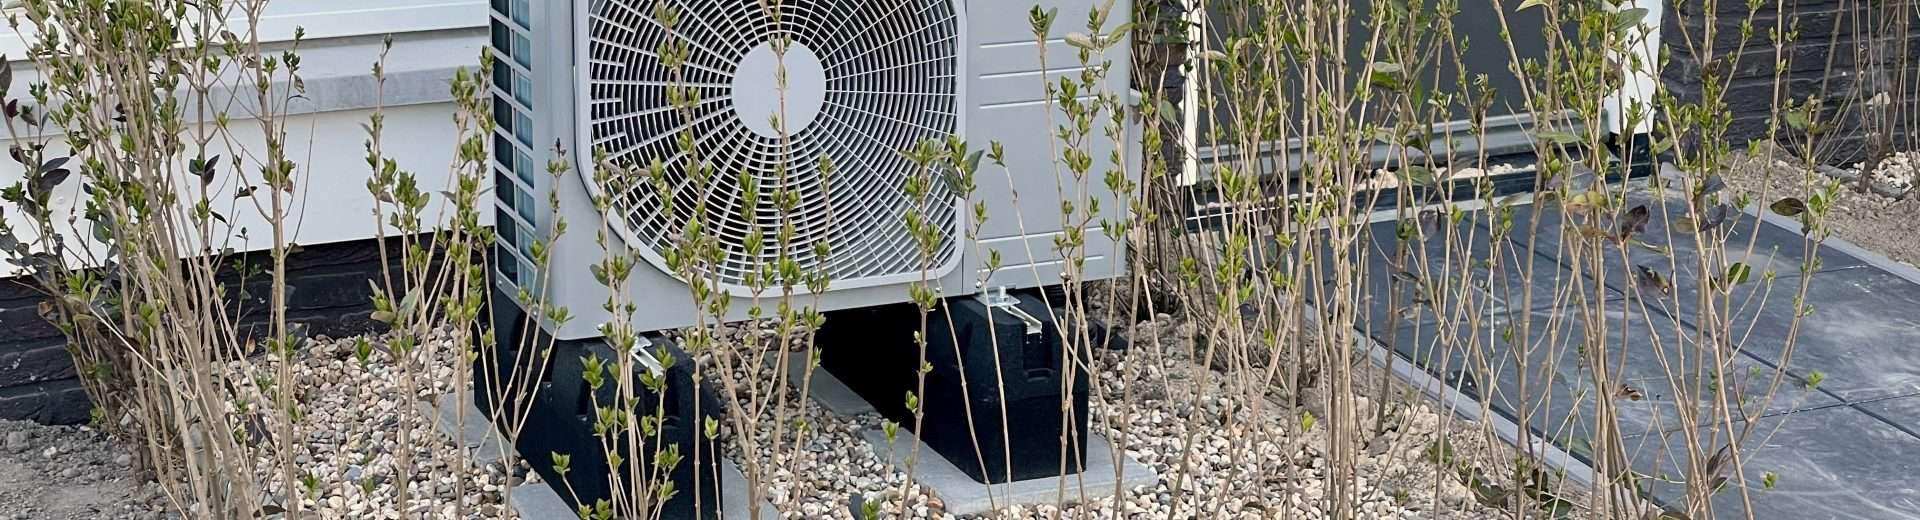 Wärmepumpe steht an einem Einfamilienhaus